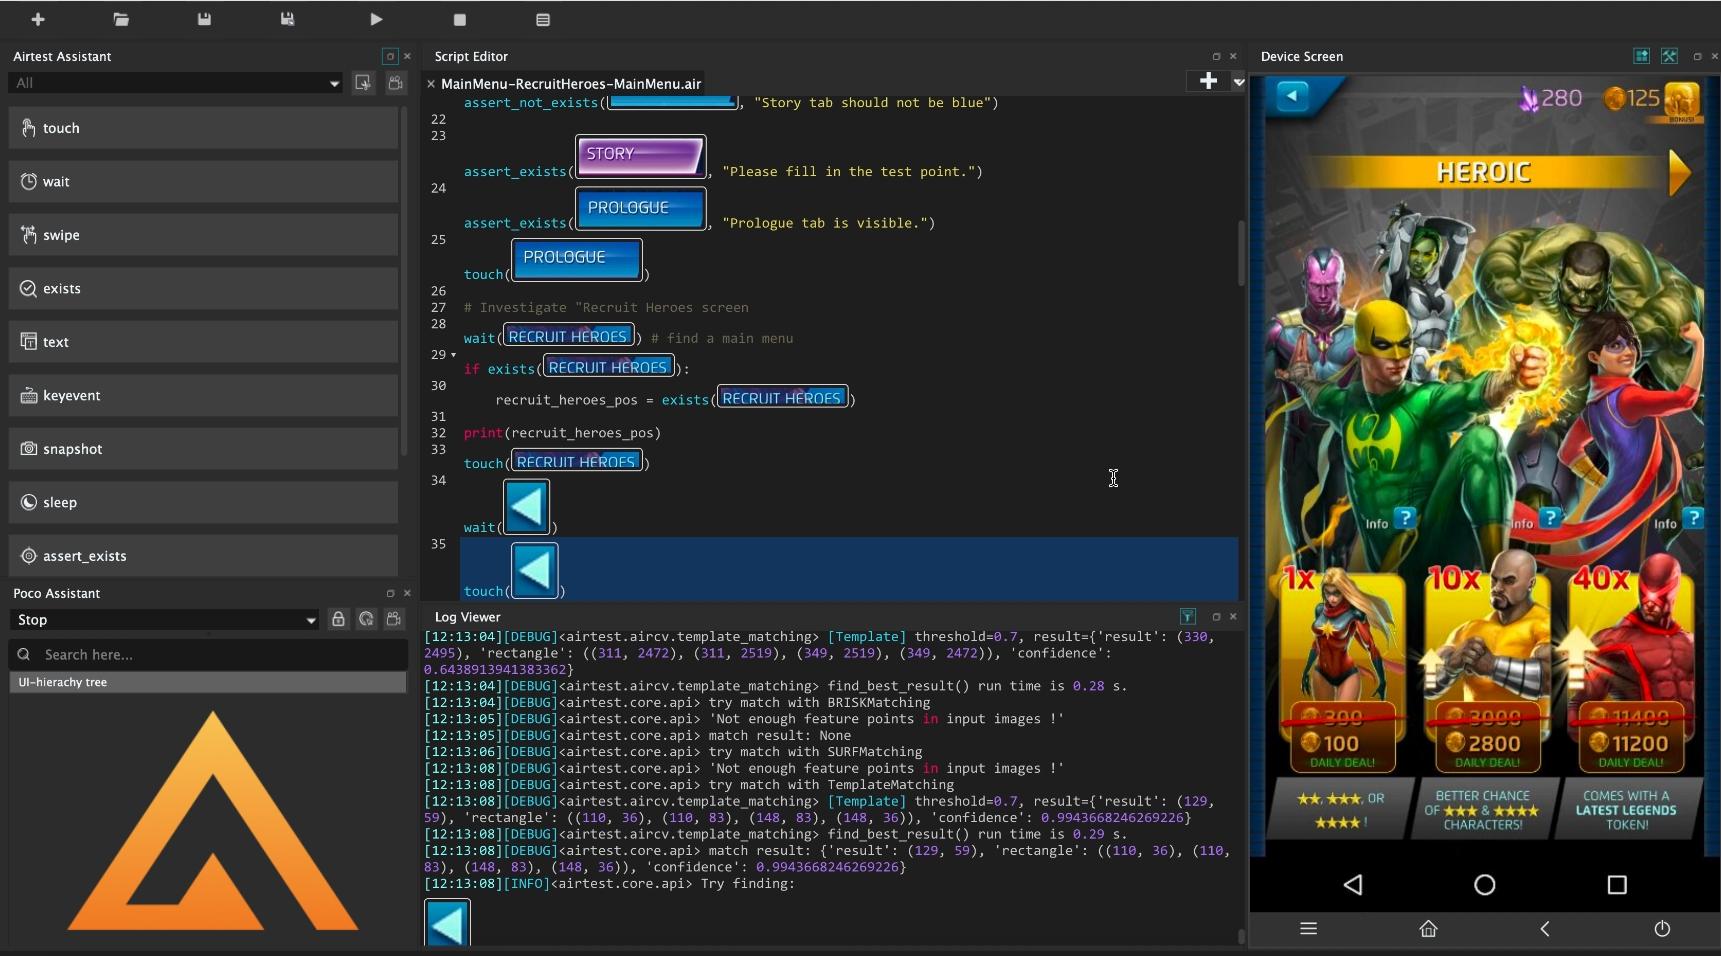 AirTest IDE и Image Recognition — автоматизация тестирования мобильных игр на основе распознавания изображений